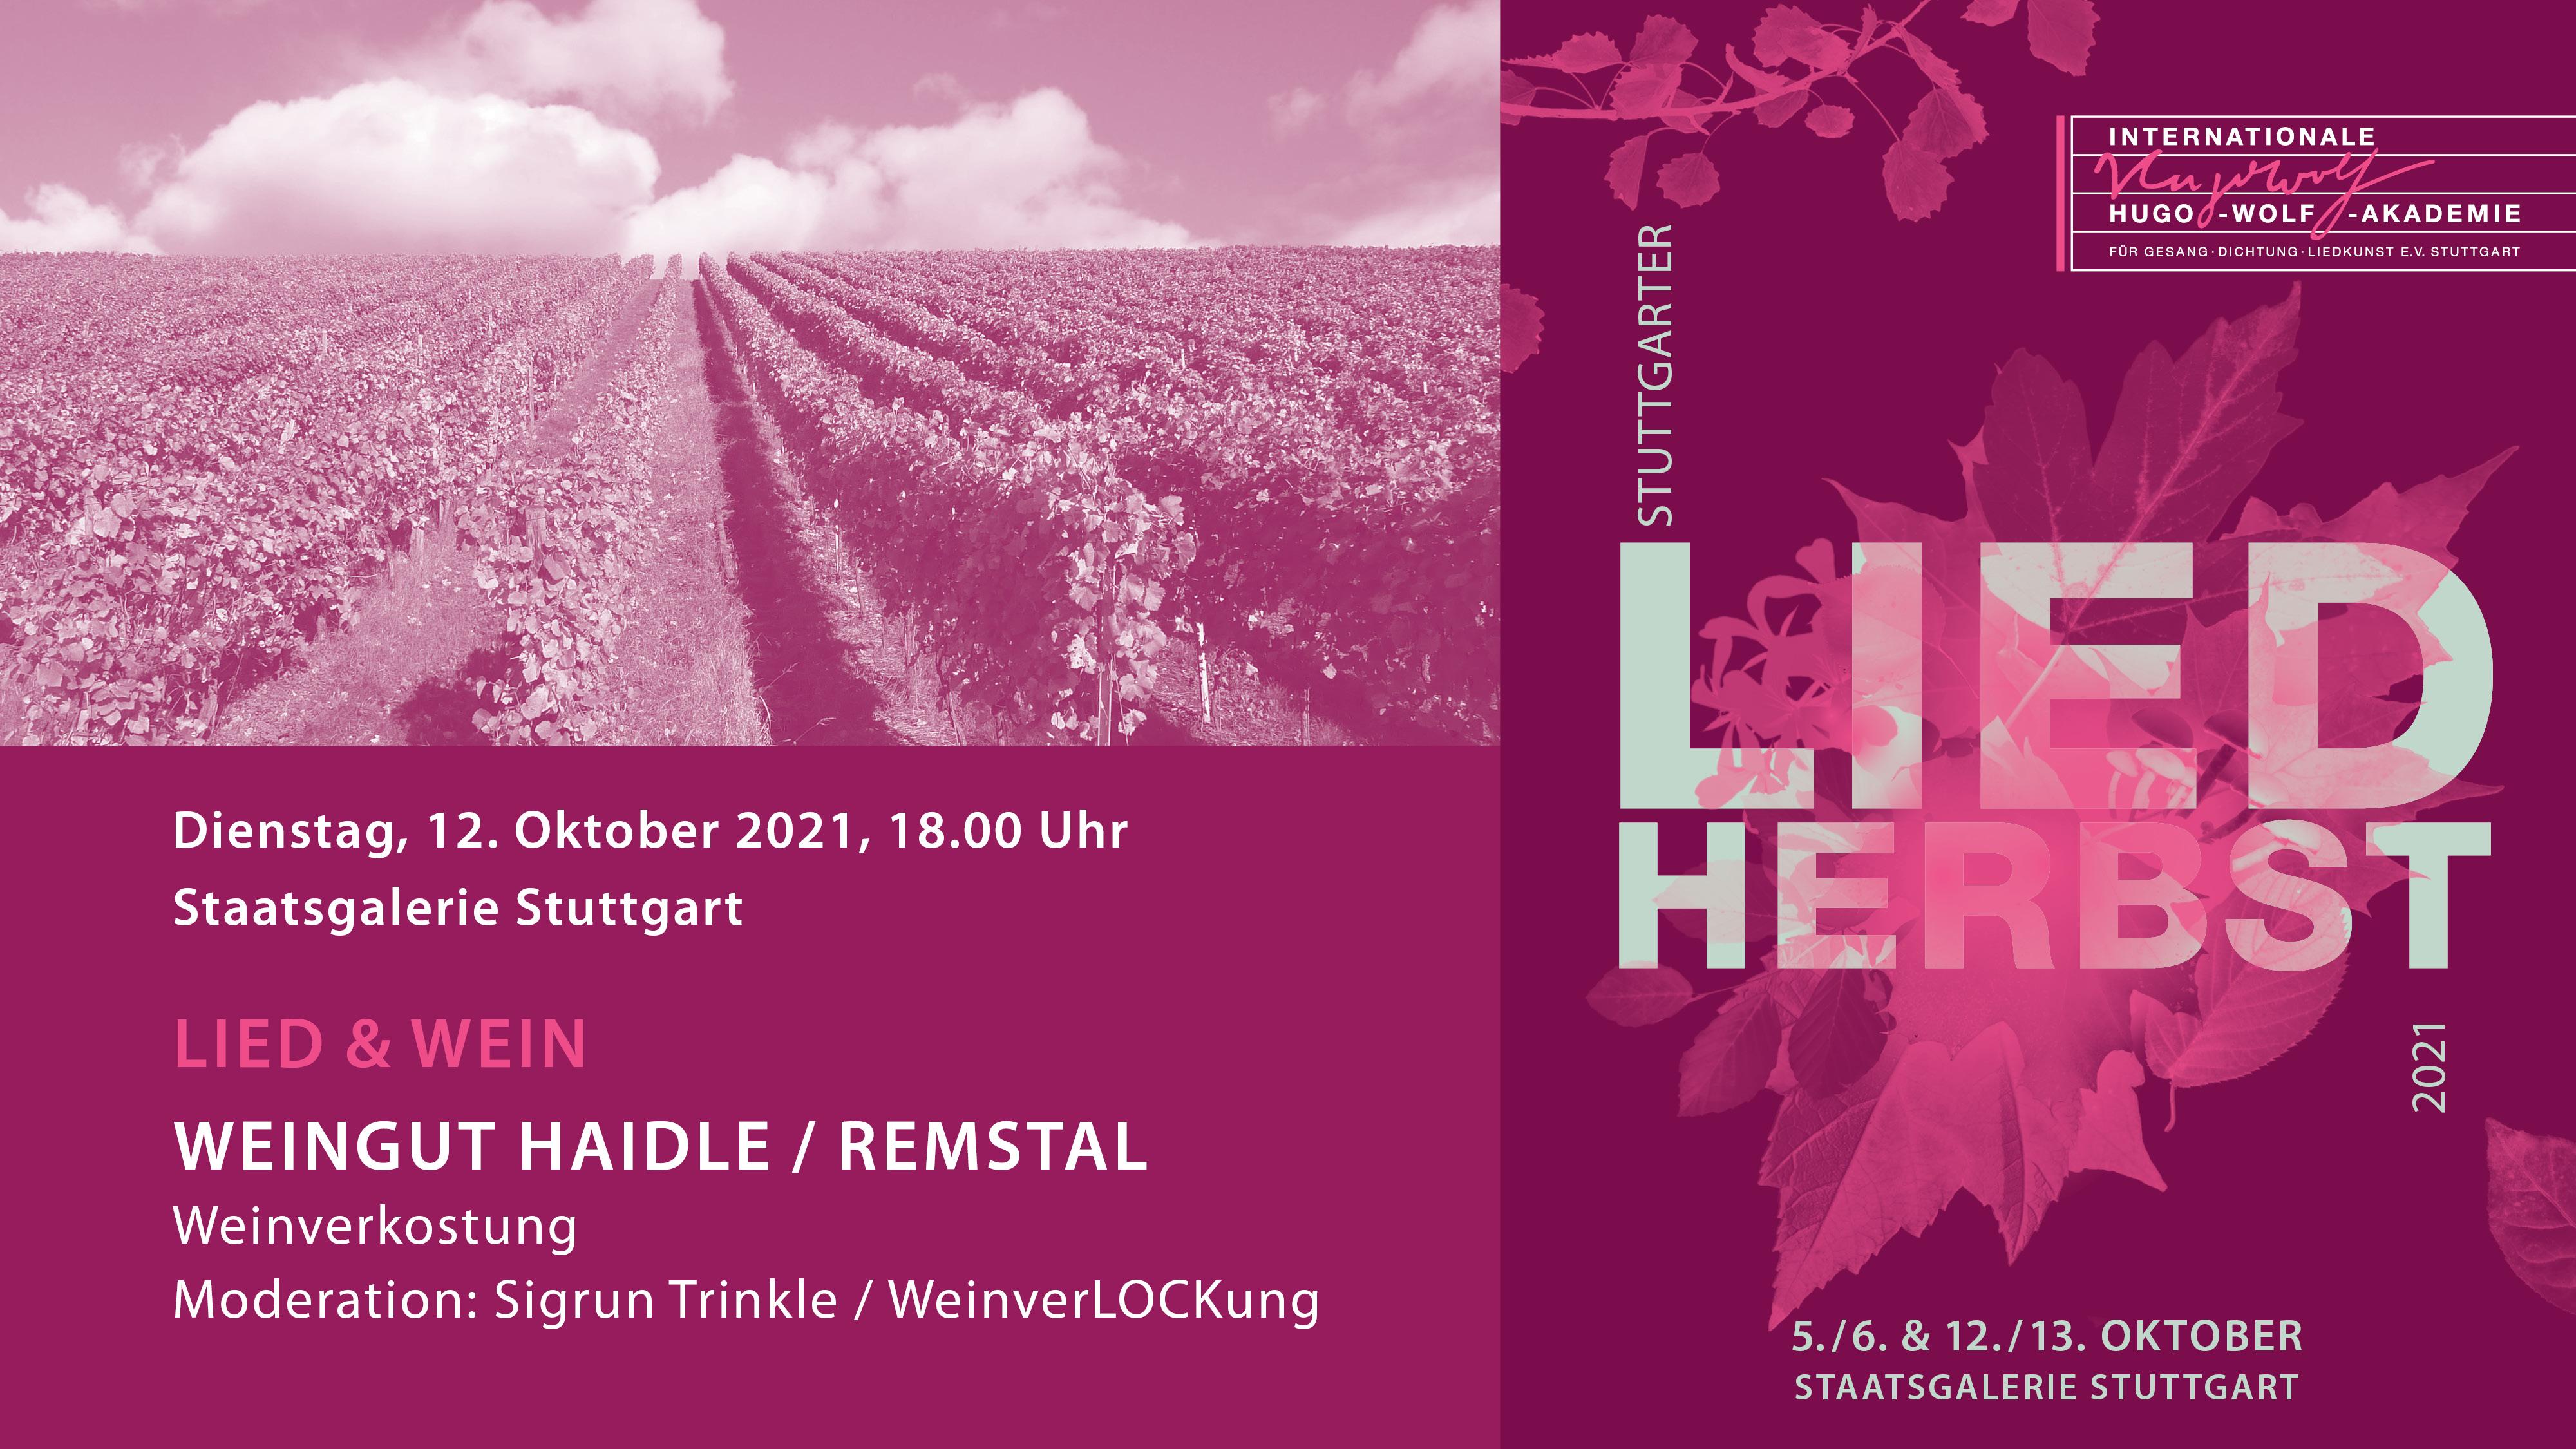 LiedHERBST: Lied & Wein III